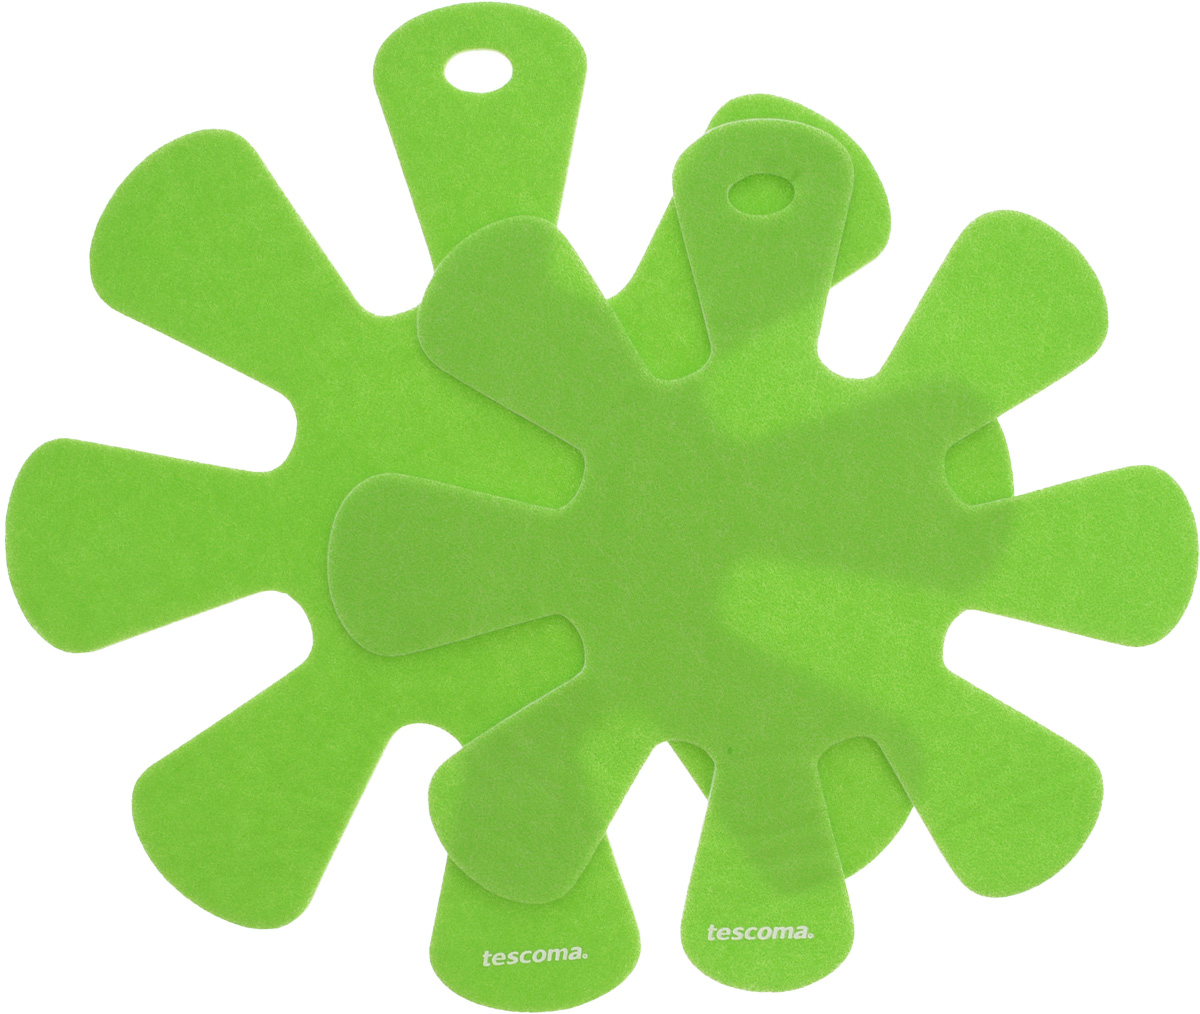 Протектор для хранения посуды Tescoma Presto, цвет: салатовый, 2 шт. 420884422214Протекторы для хранения посуды Tescoma Presto выполнены из прочной синтетической ткани. Они используются для защиты посуды с антипригарным покрытием при хранении на кухне. Подходят для посуды диаметром от 24 до 32 см и от 18 до 24 см. Нельзя использовать для горячей или неочищенной посуды.Не использовать в качестве подставки под горячее.Не использовать в посудомоечной машине.Рекомендуется обычная стирка при 40°С.Диаметр большого протектора: 38 см.Диаметр малого протектора: 32,5 см.